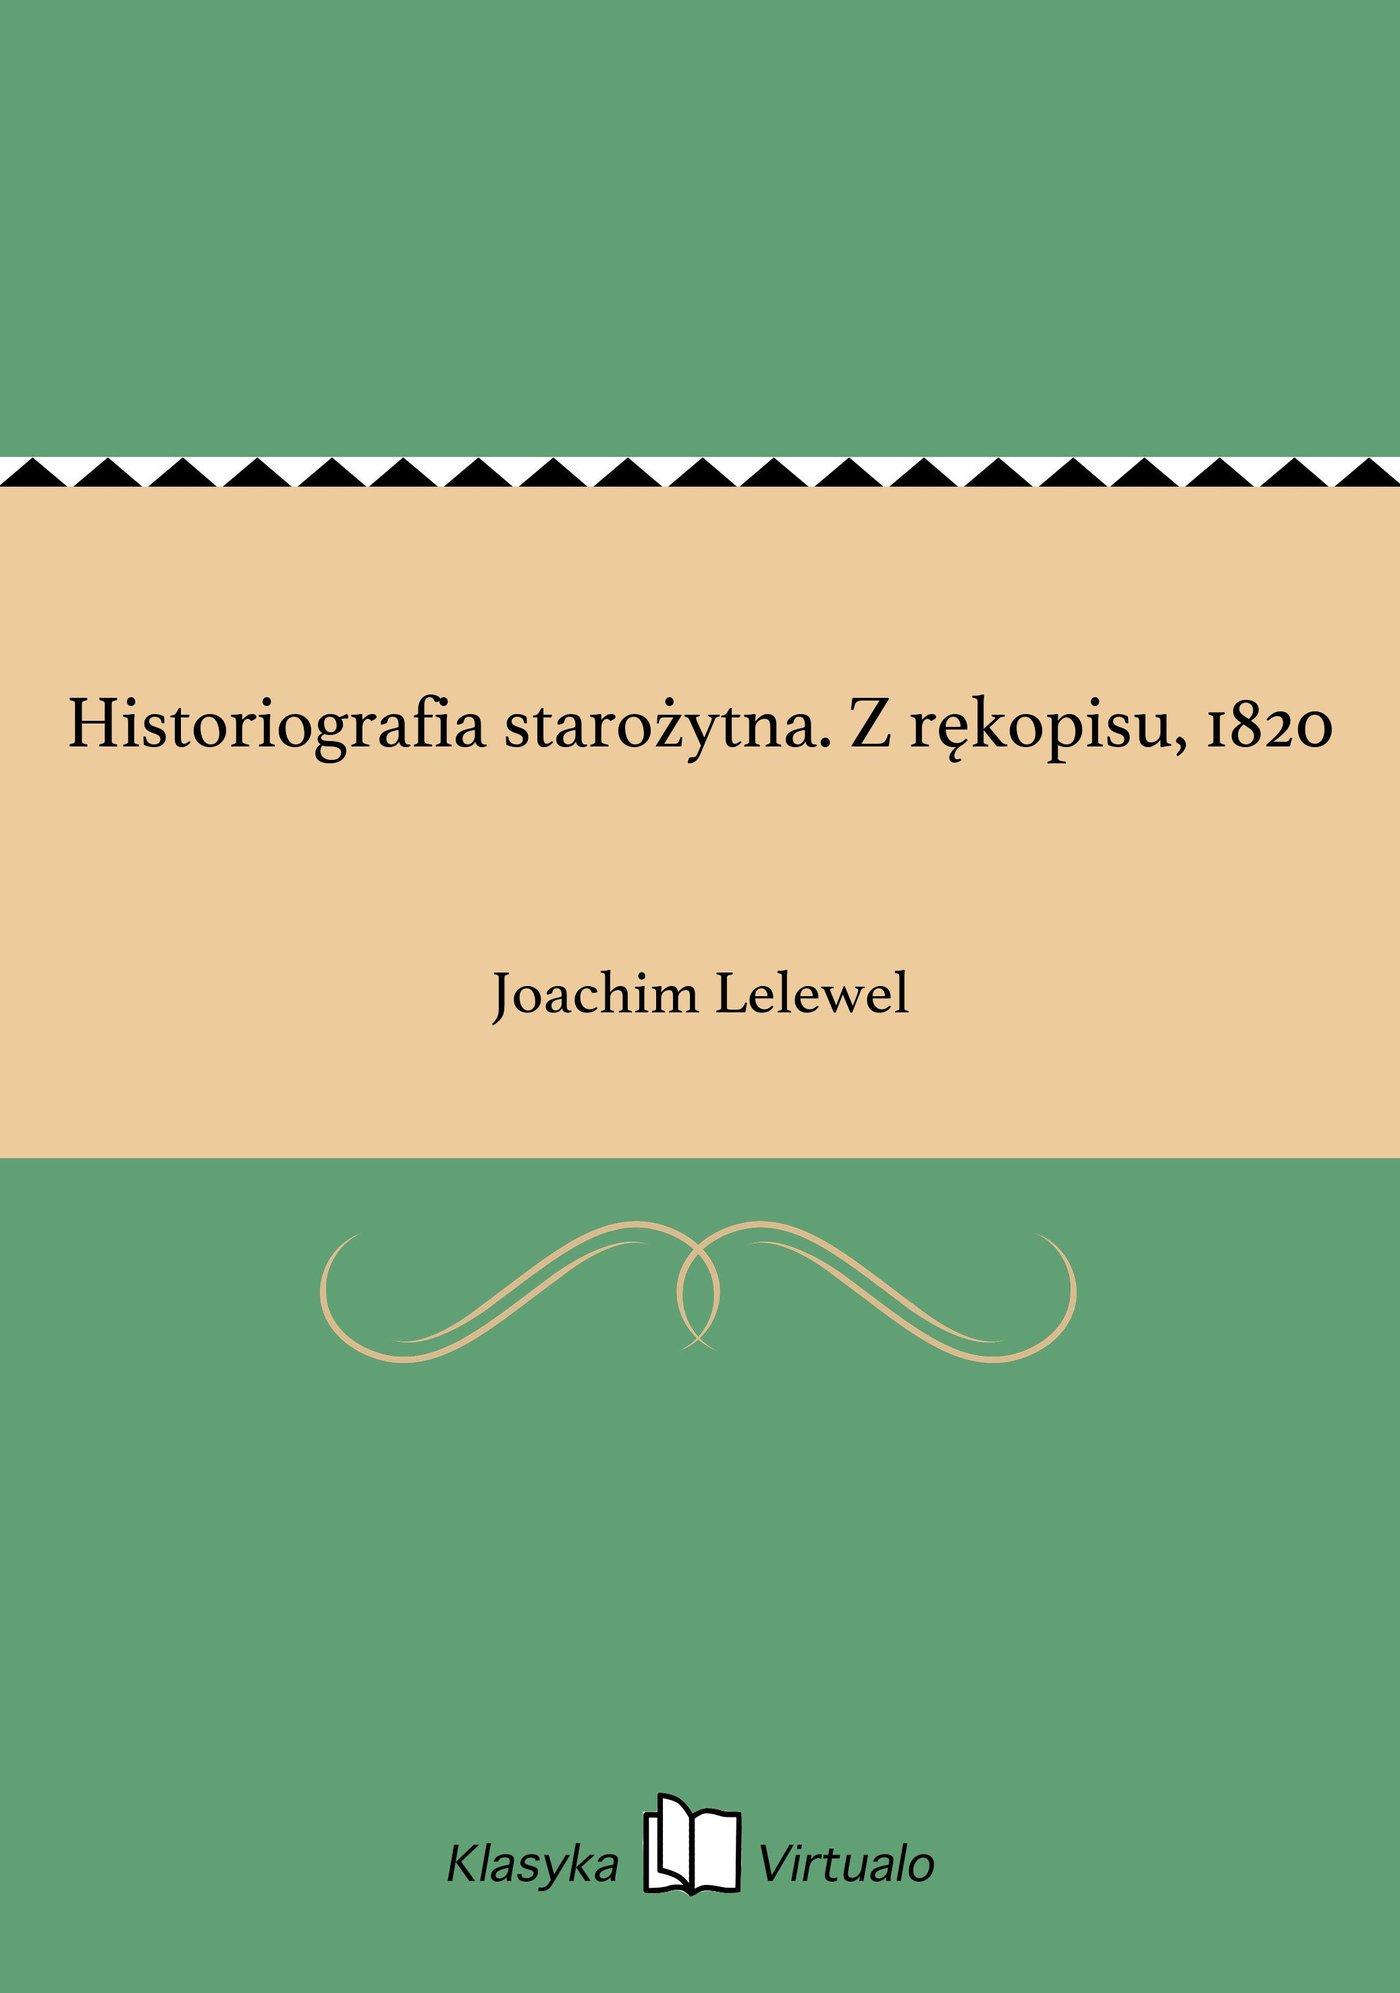 Historiografia starożytna. Z rękopisu, 1820 - Ebook (Książka EPUB) do pobrania w formacie EPUB